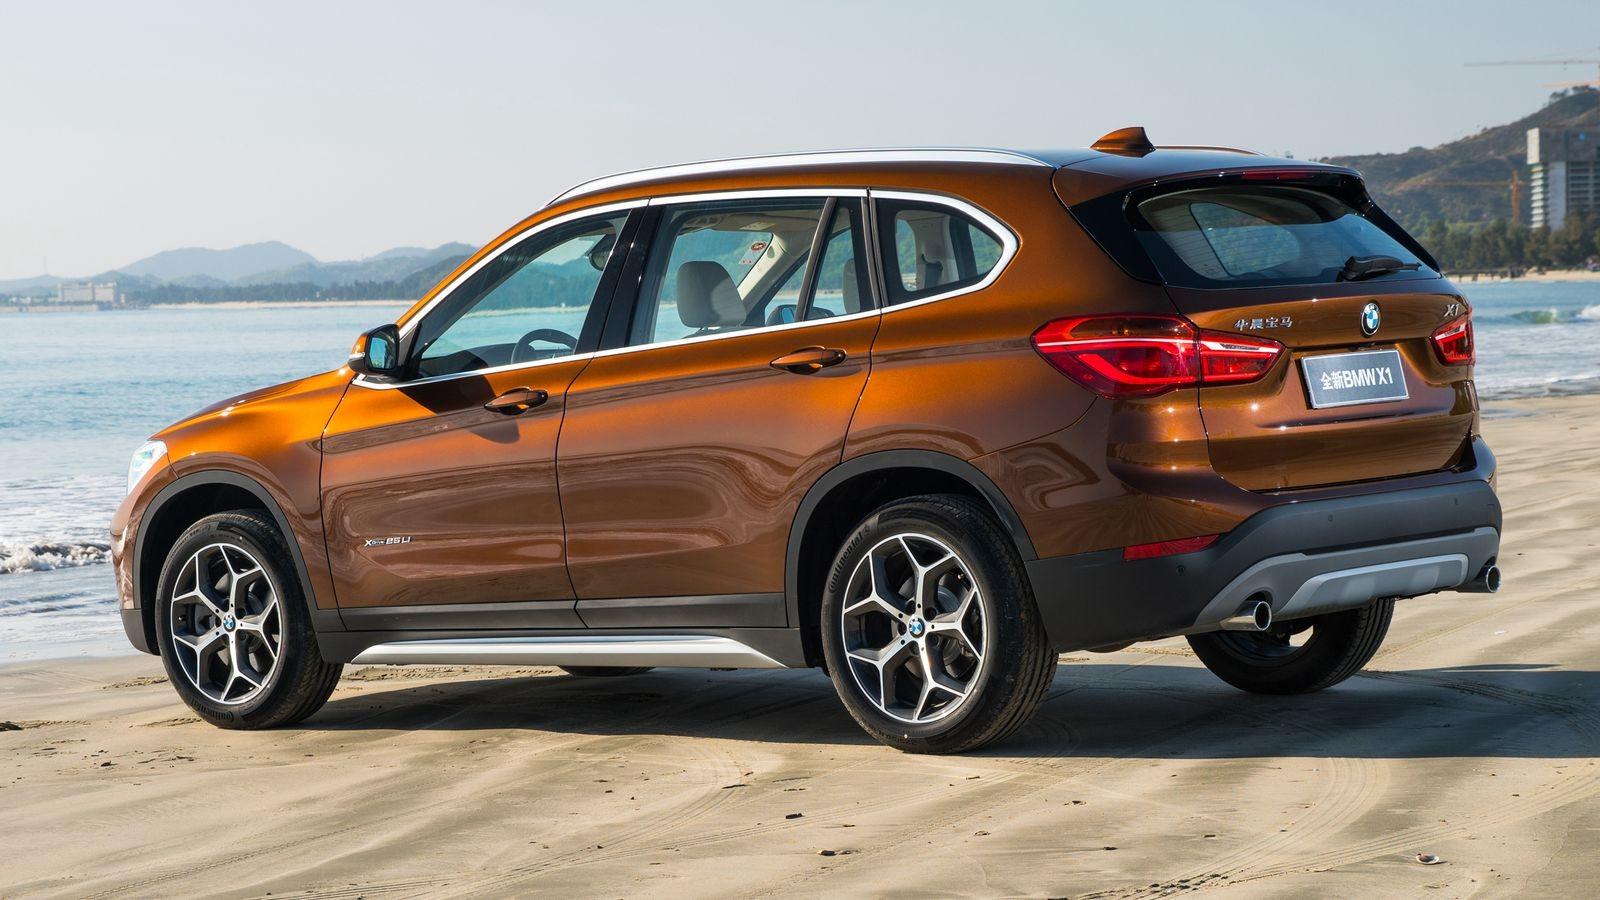 Китайцы любят подлиннее: специально для них растянули даже кроссовер BMW X1.